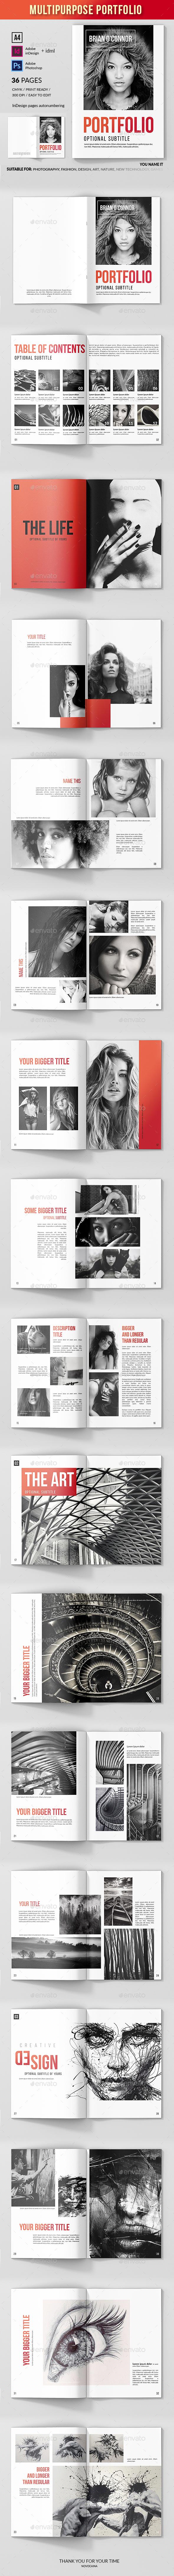 Multipurpose Portfolio - 36 Pages INDD / IDML / PSD - Portfolio Brochures